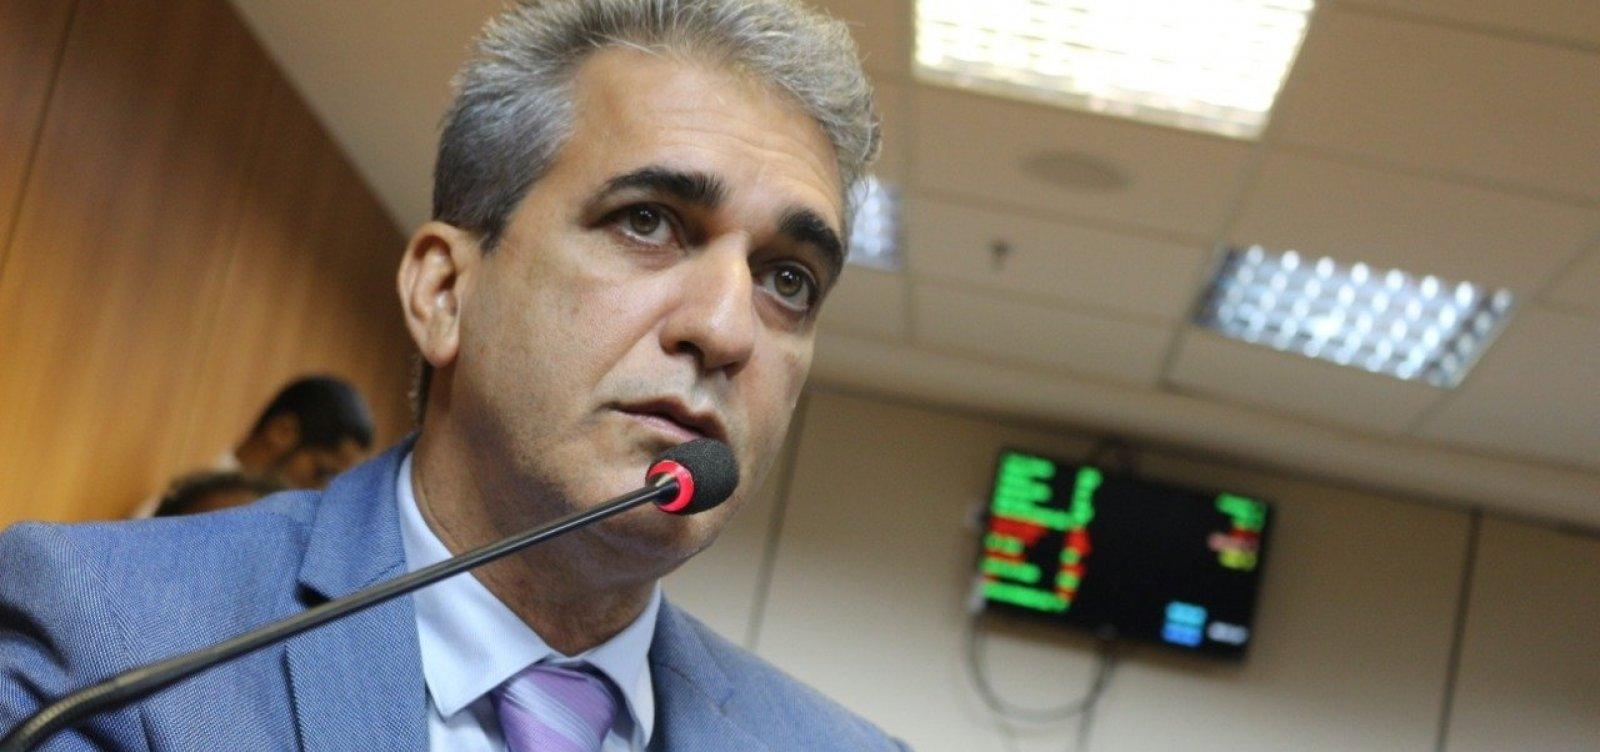 Deputado do PT é condenado à prisão por calúnias e difamação contra ACM Neto